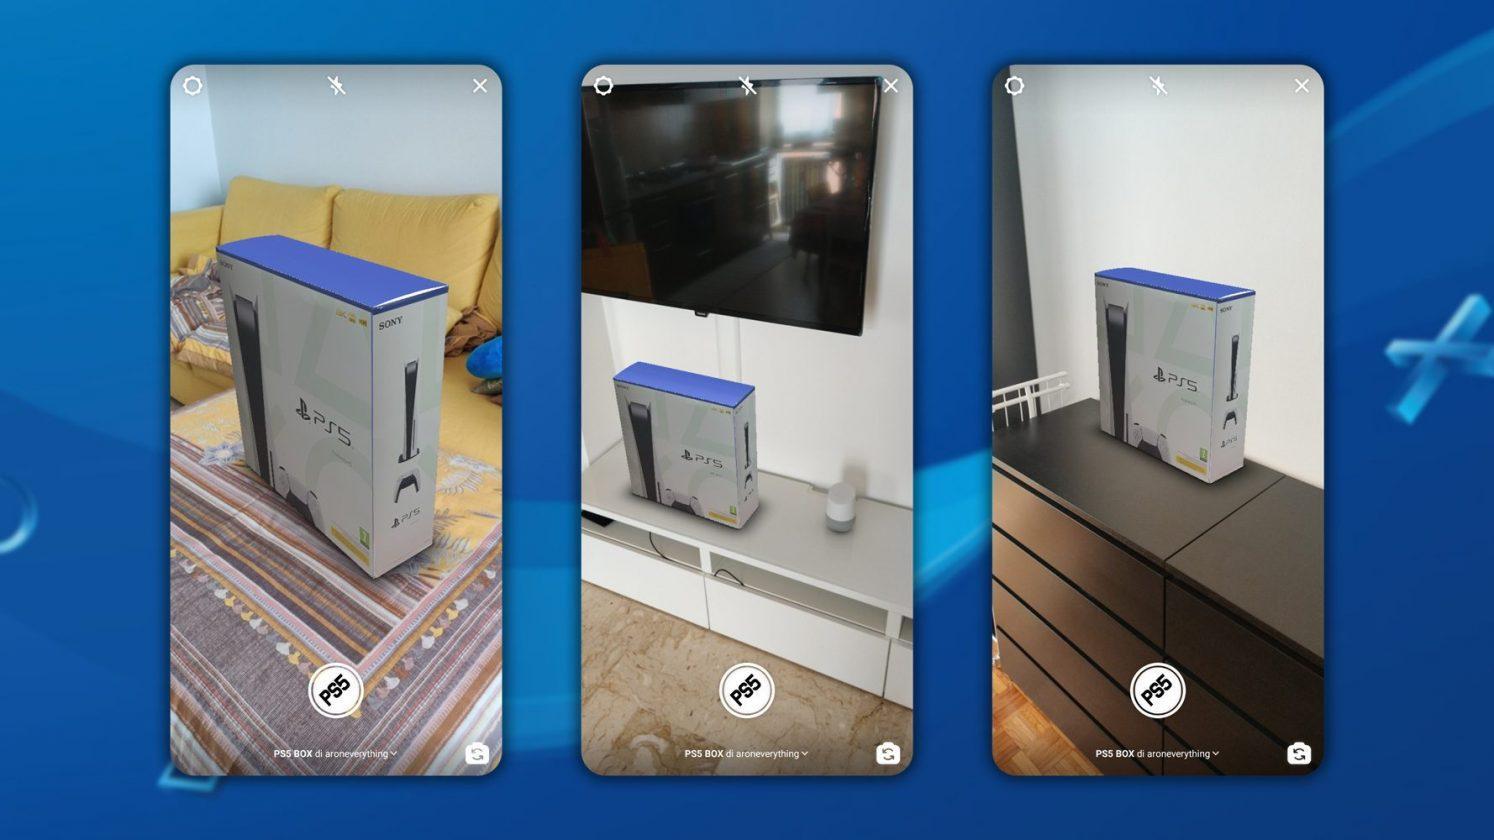 Ce Filtre Instagram Matérialise Une Playstation 5 Dans Votre Salon